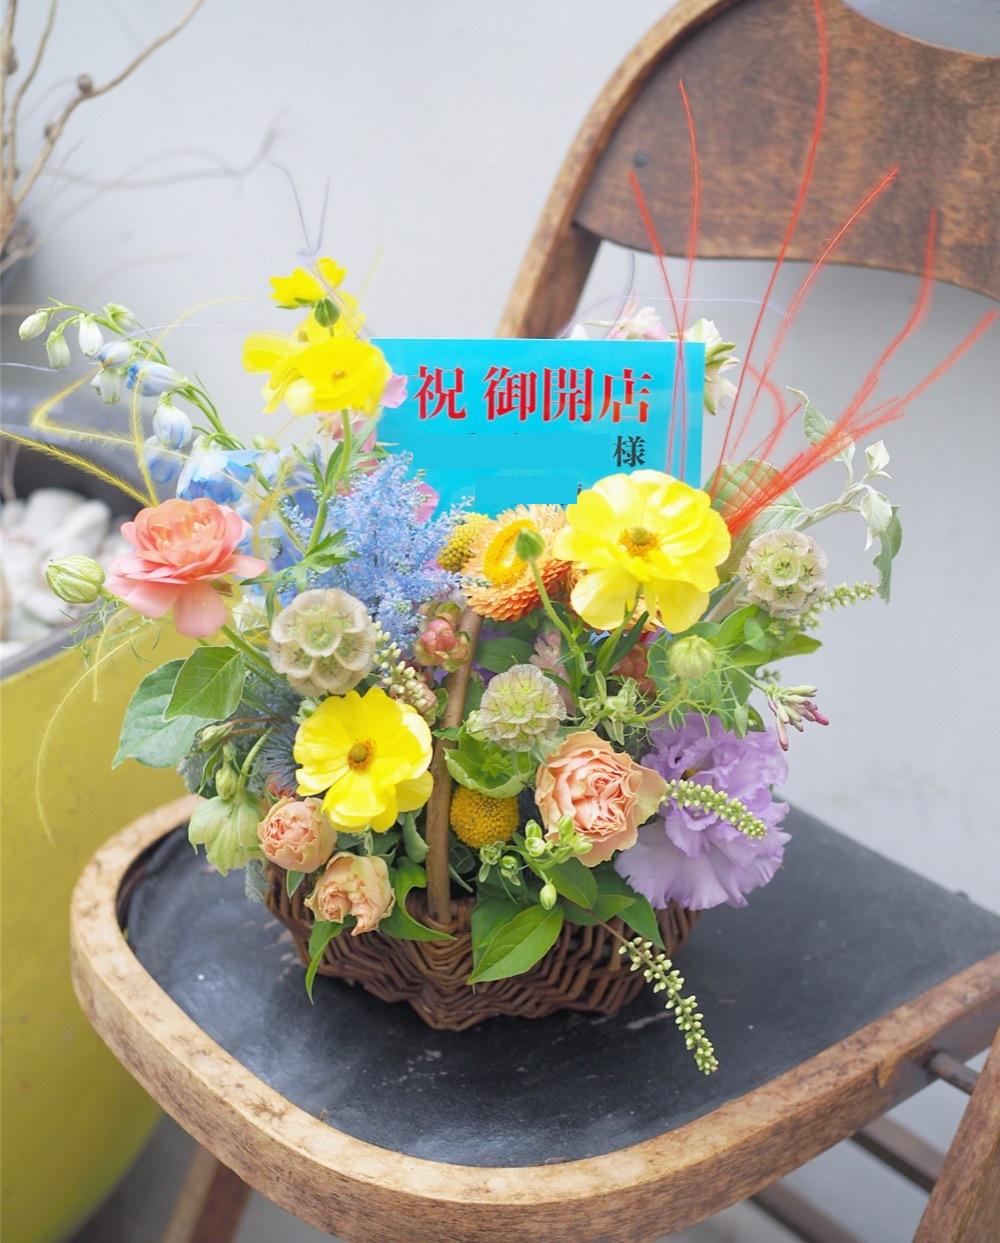 「虹にまつわる店名に合わせて」虹をイメージした柔らかな色味の開店祝い花